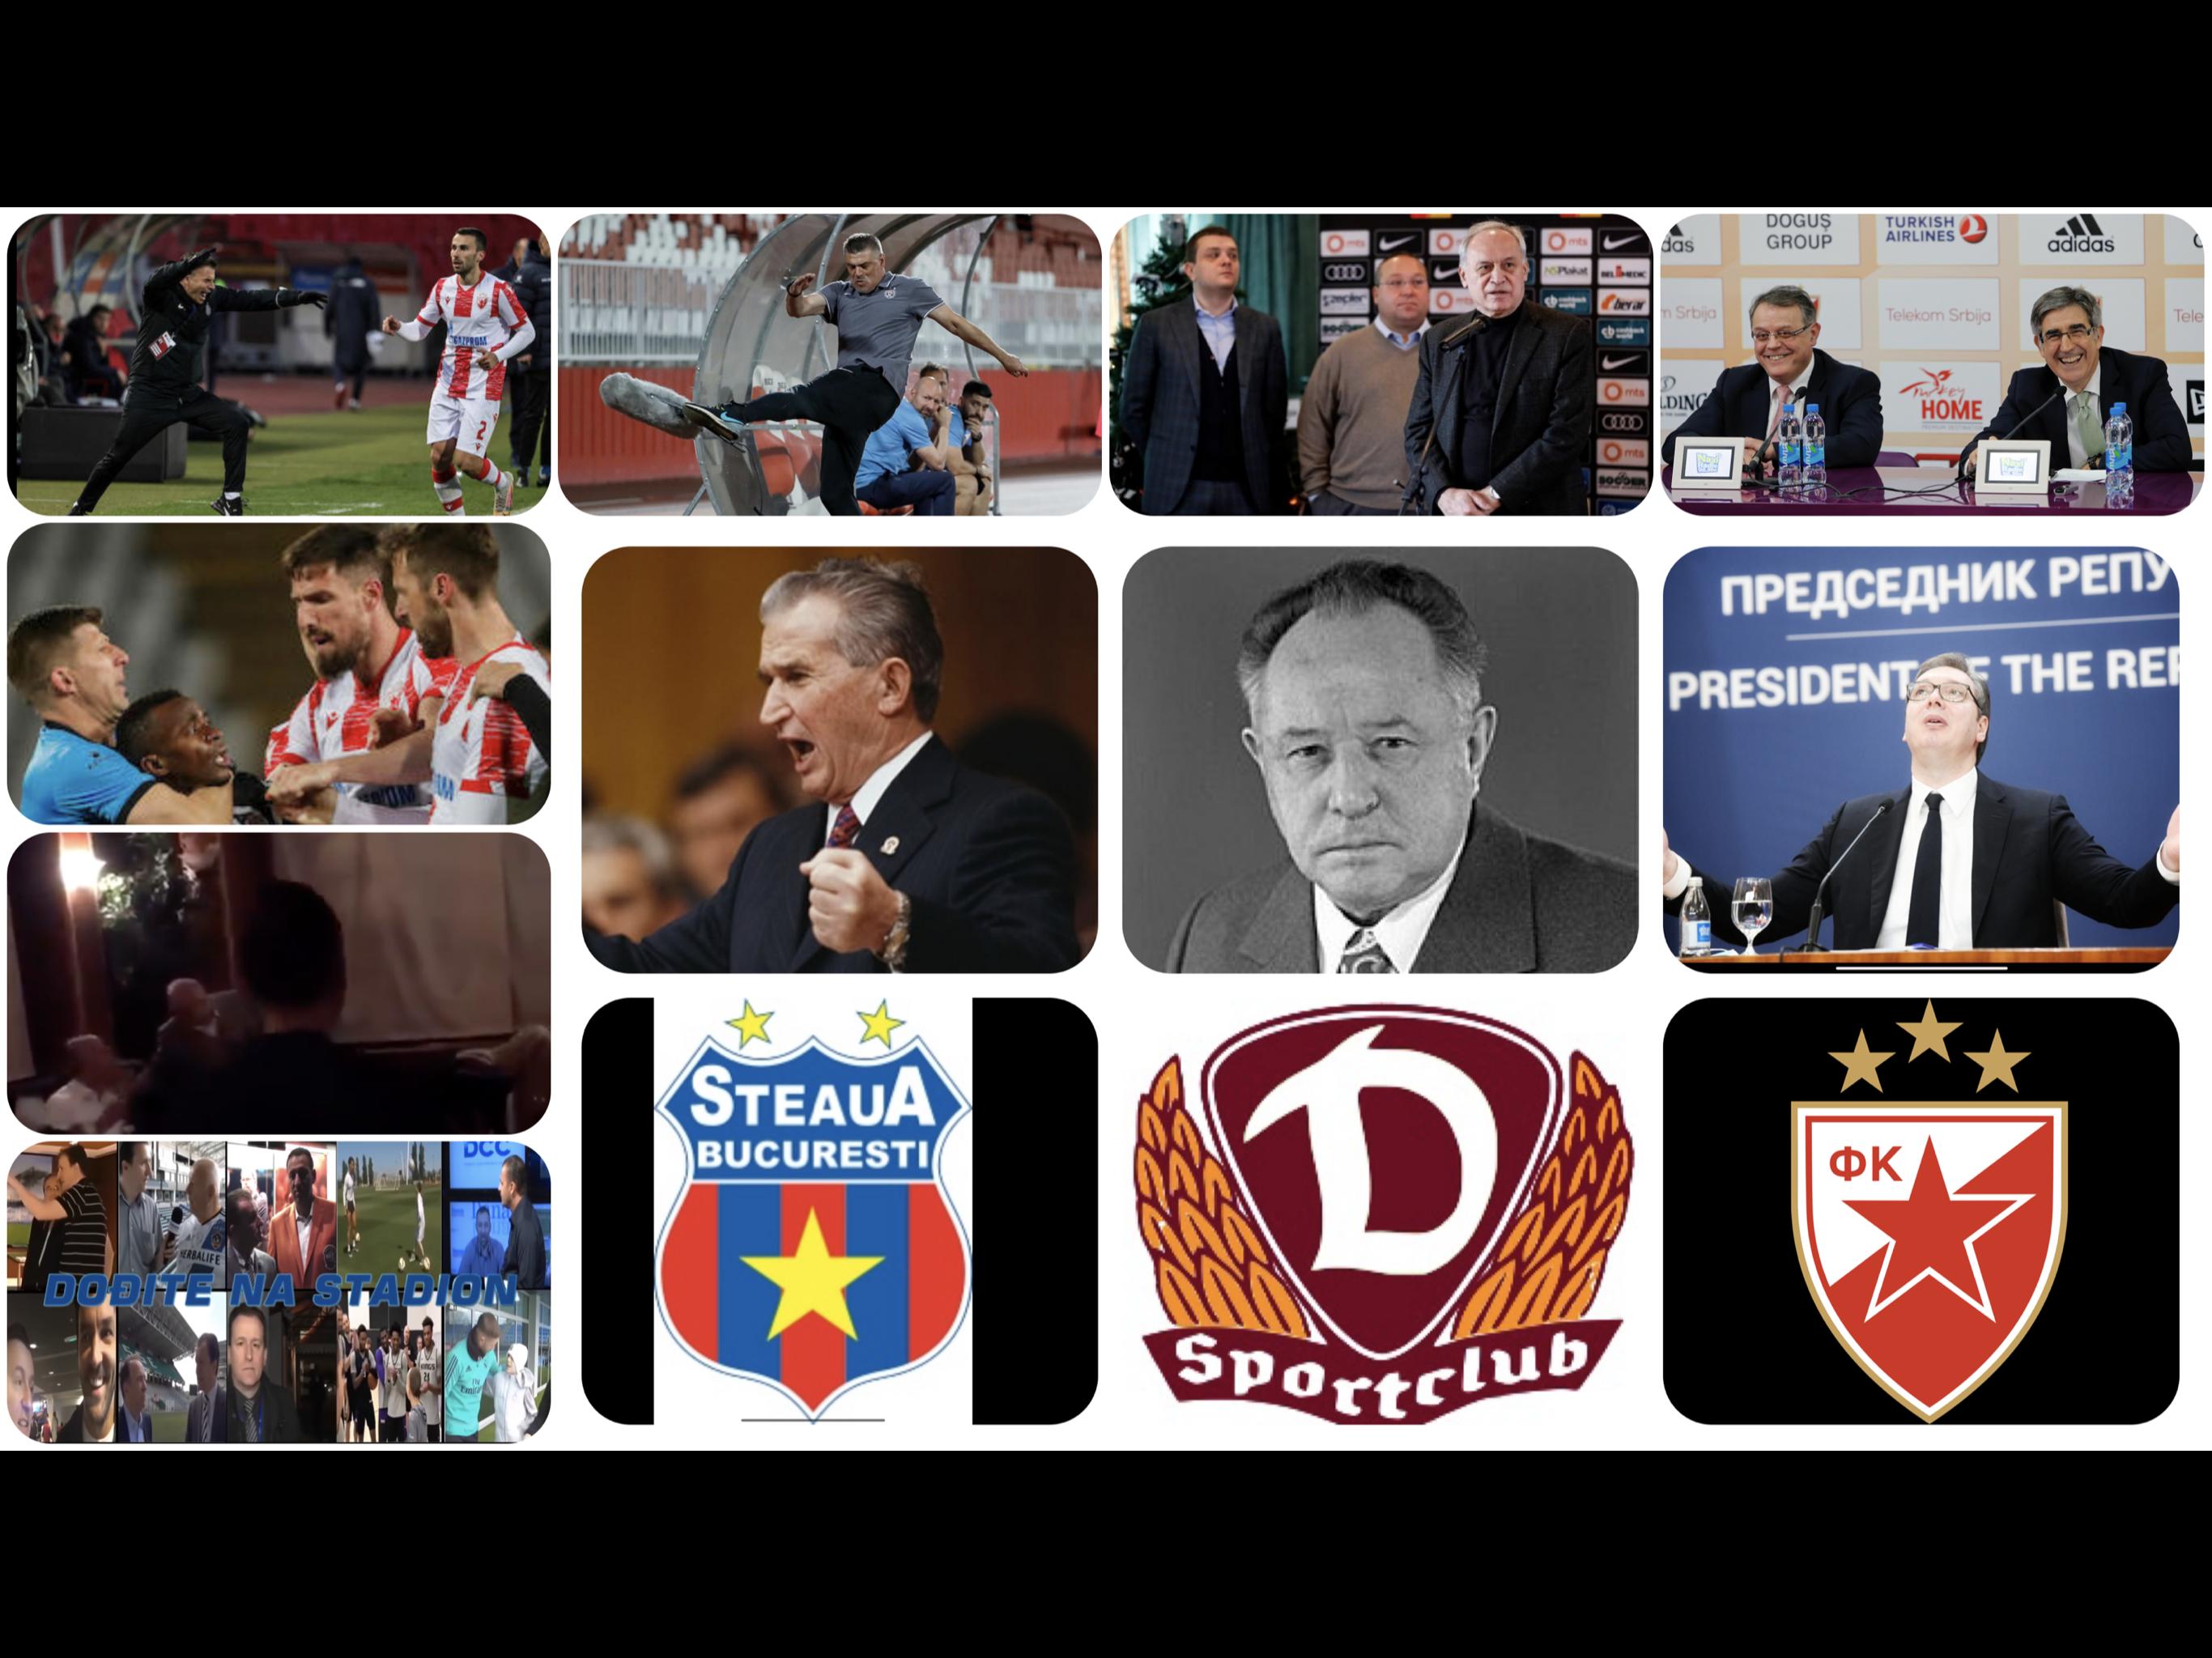 Dođite na stadion 397. Kako je ubijen FK Partizan i priča o KK G17 plus (VIDEO)